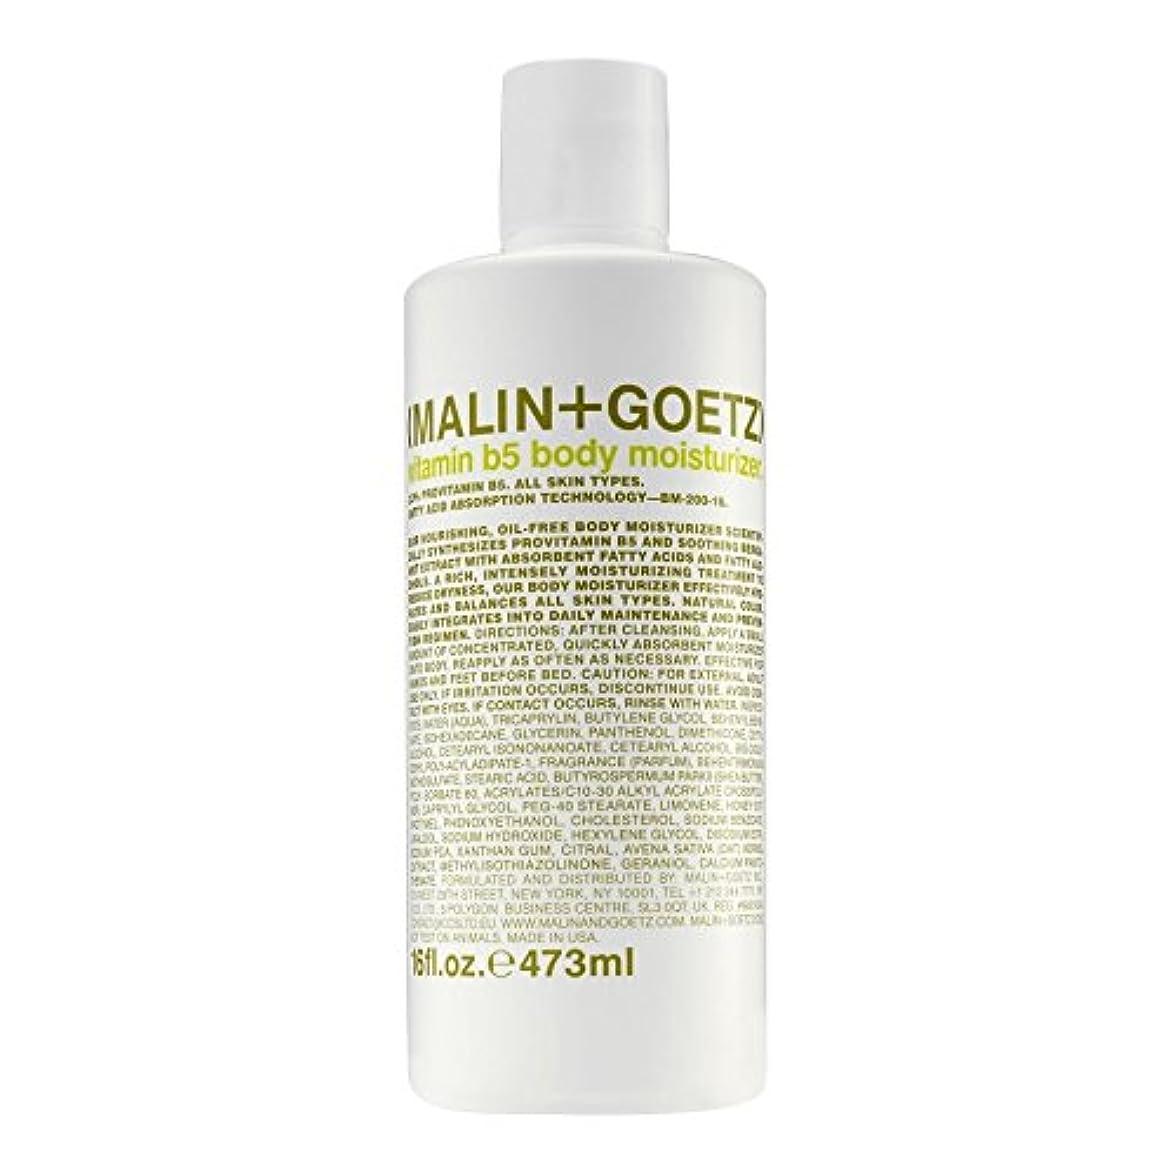 ケージ洞窟ブラストマリン+ゲッツビタミン5ボディモイスチャライザーの473ミリリットル x2 - MALIN+GOETZ Vitamin B5 Body Moisturiser 473ml (Pack of 2) [並行輸入品]